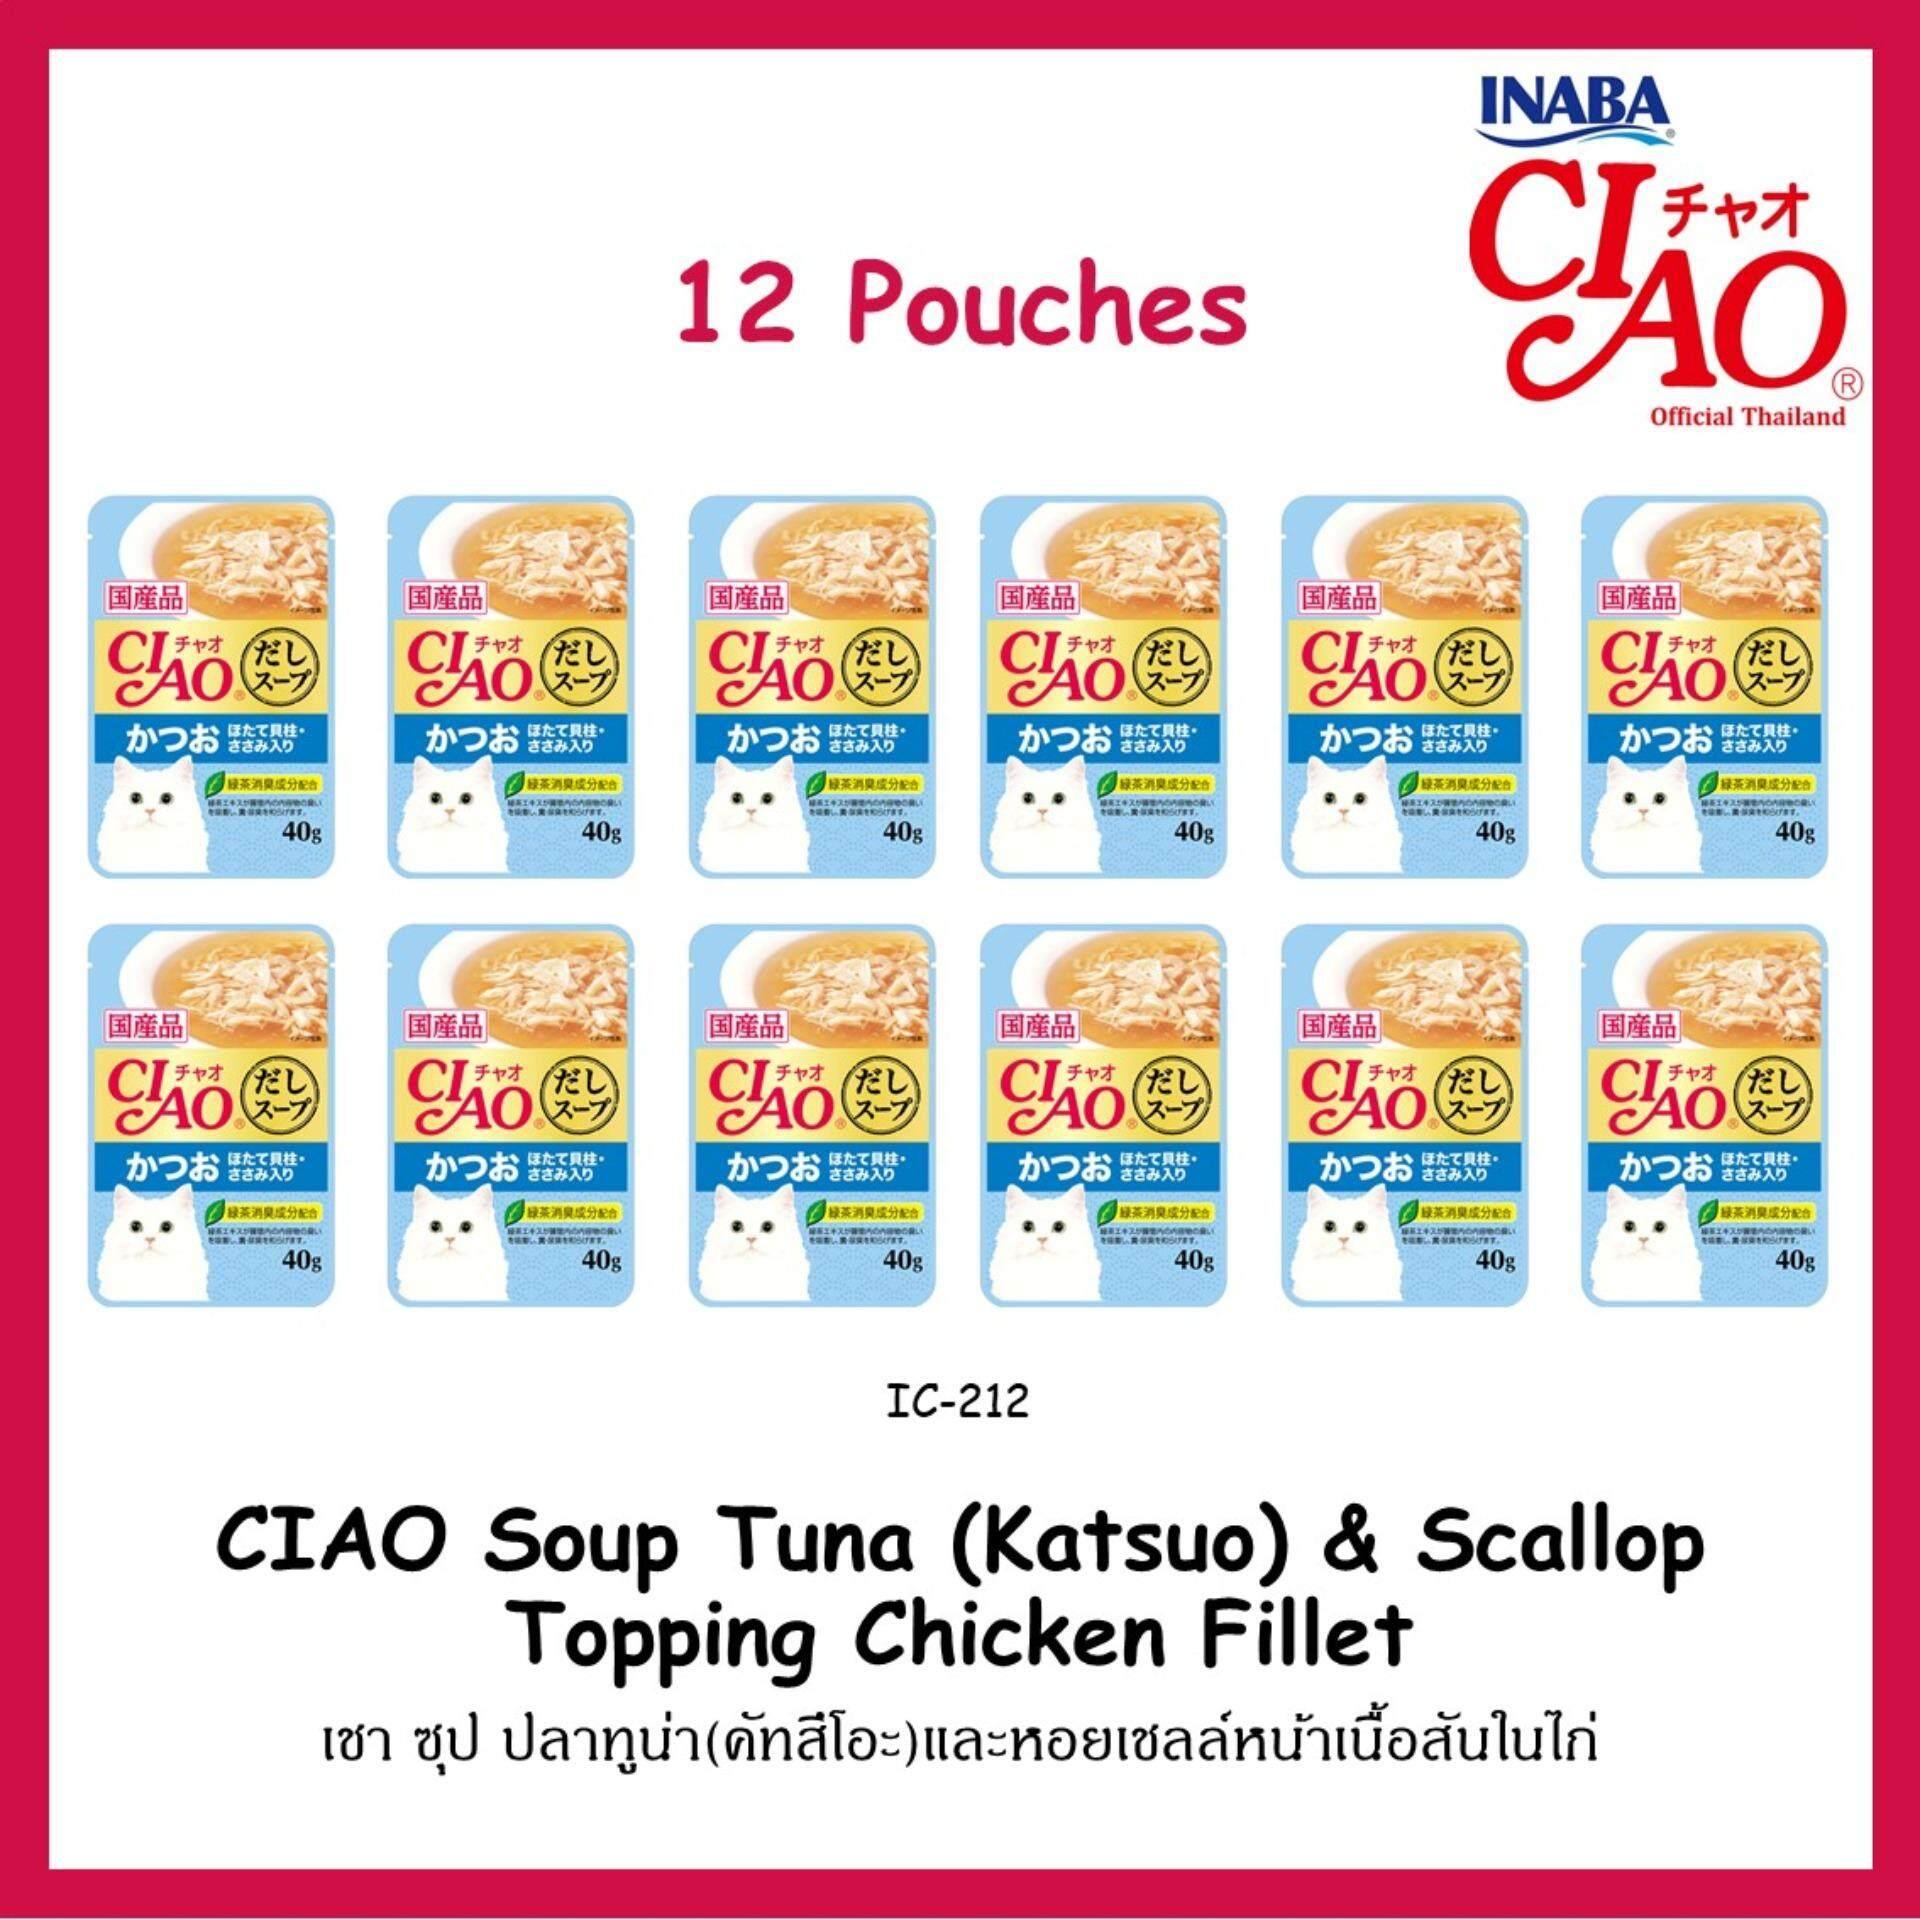 เชา ซุป ปลาทูน่า (คัทสึโอะ) และหอยเชลล์หน้าเนื้อสันในไก่ 40กรัม X 12 ซอง By Thai Inaba Foods Company Limited.